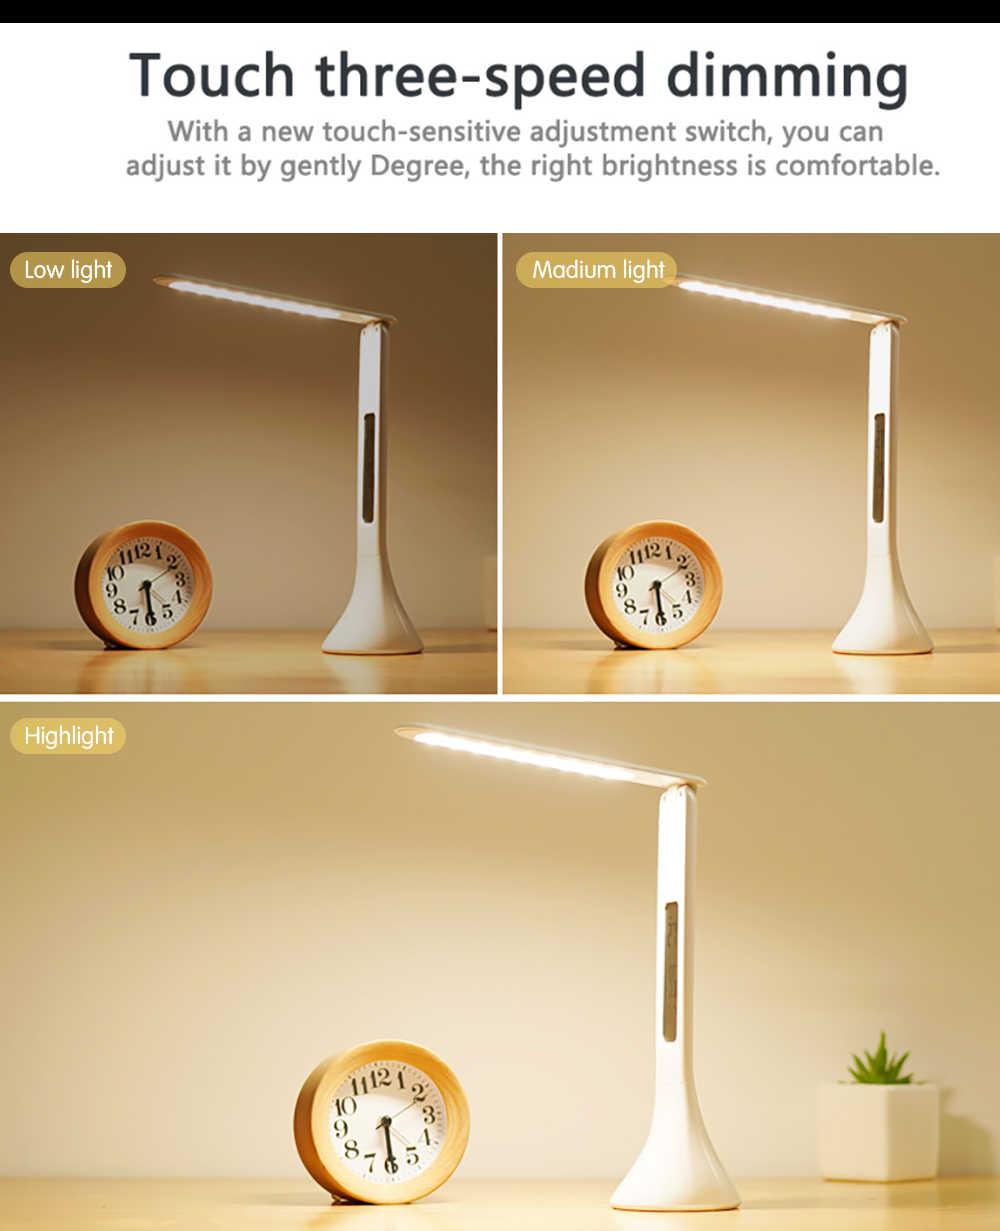 2019new led 데스크 램프 접이식 디 밍이 가능한 터치 테이블 램프 달력 온도 알람 시계 테이블 라이트 야간 조명